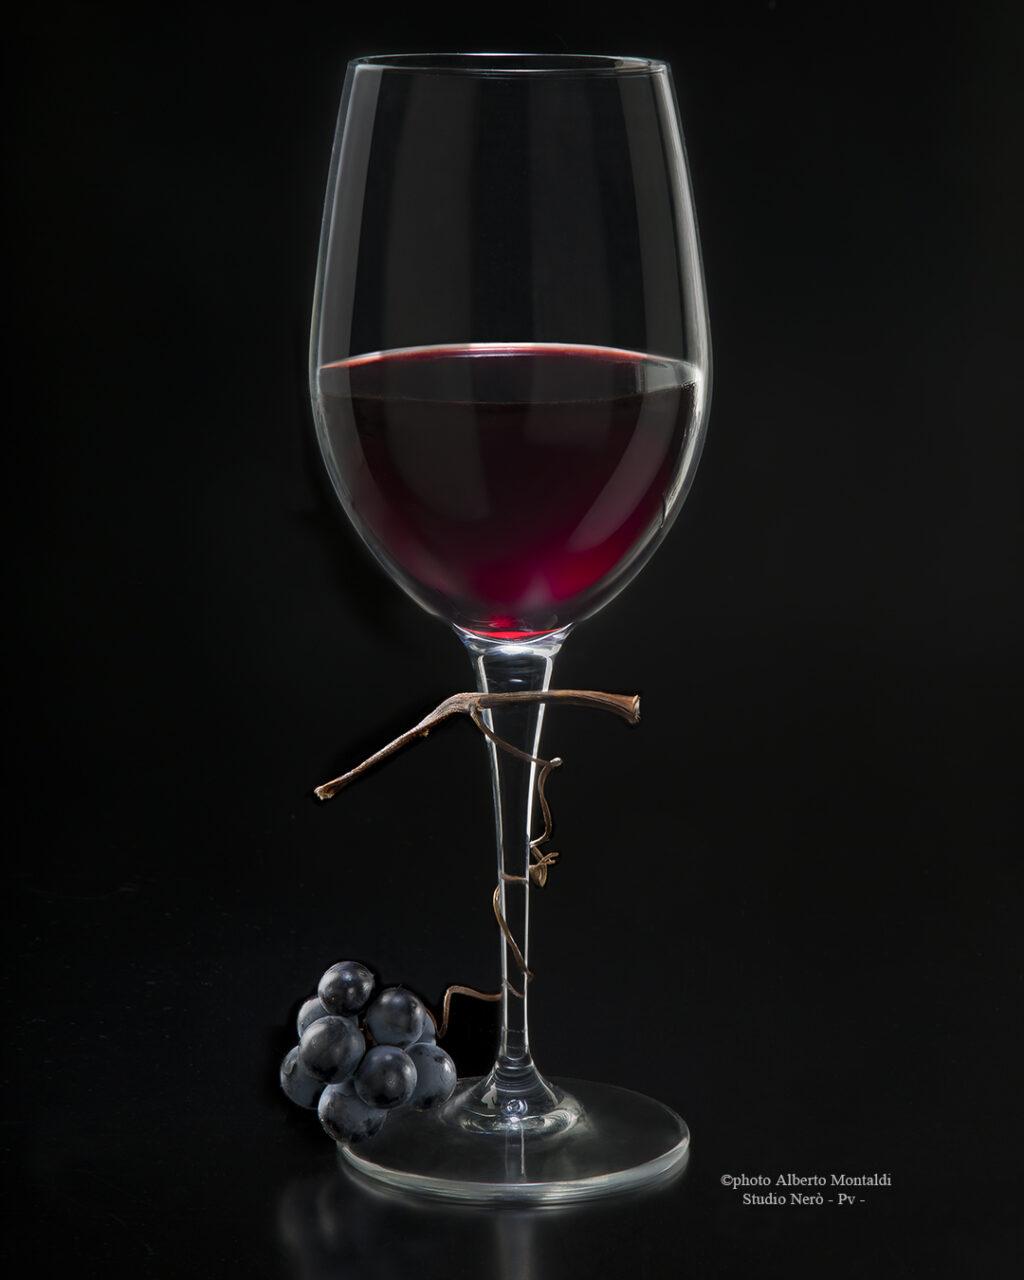 Bicchiere VinoRossoFermo con Grappolino su FondoNero